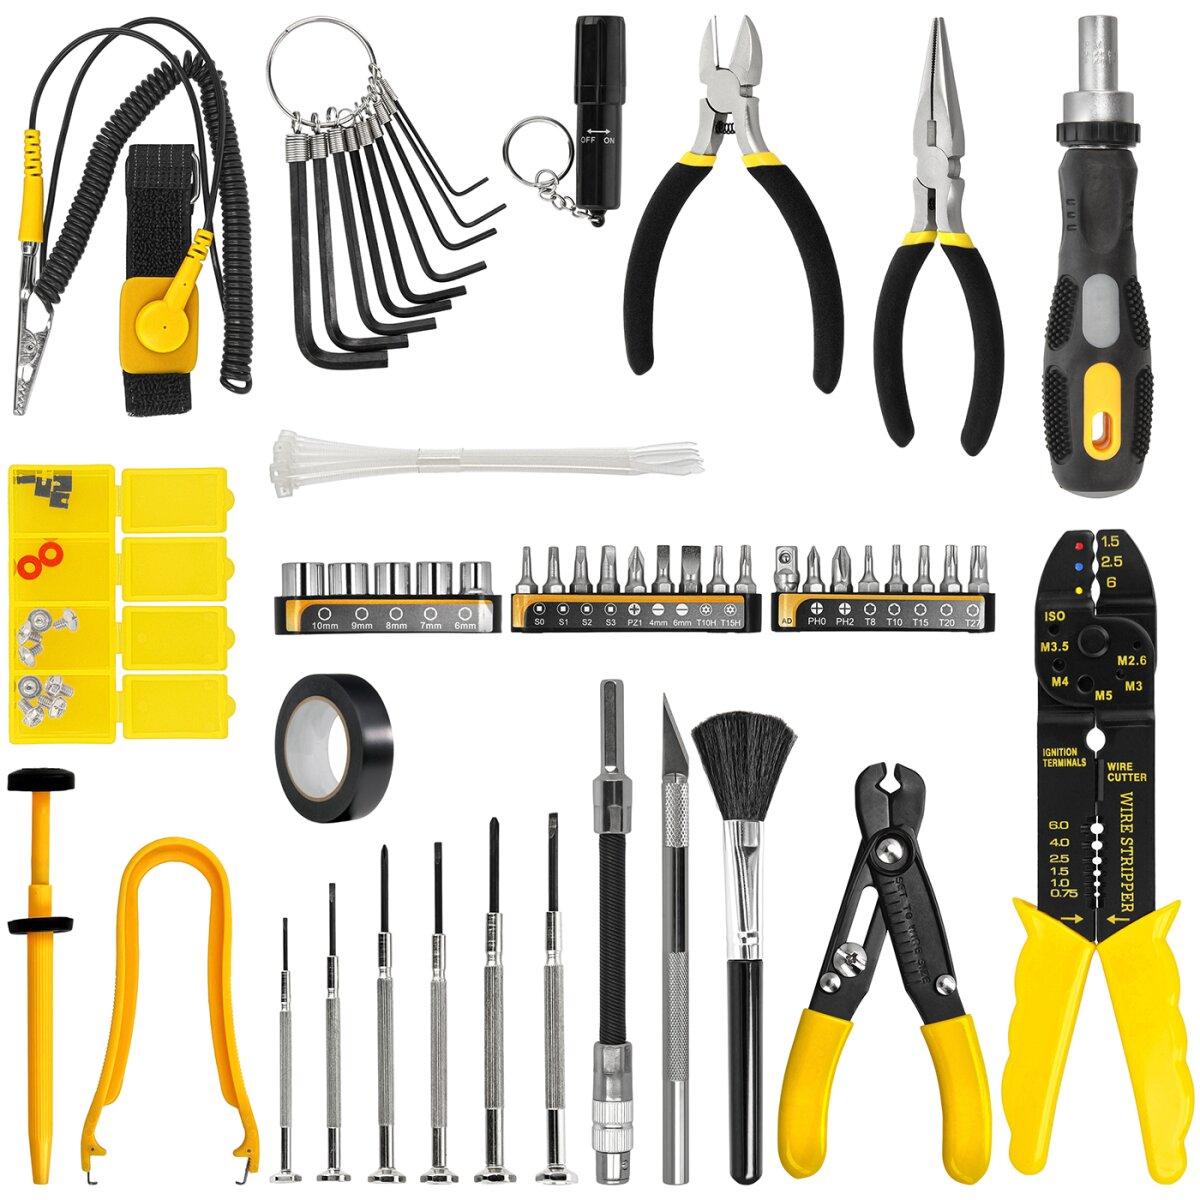 Sprotek Mehrzweck Werkzeugset   58-teiliger Profi Werkzeugkoffer   Werkzeugsatz   Tool Kit   Für professionelle Reparaturarbeiten an elektronischen Geräten etc.   Inkl. Minadax® Microfasertuch